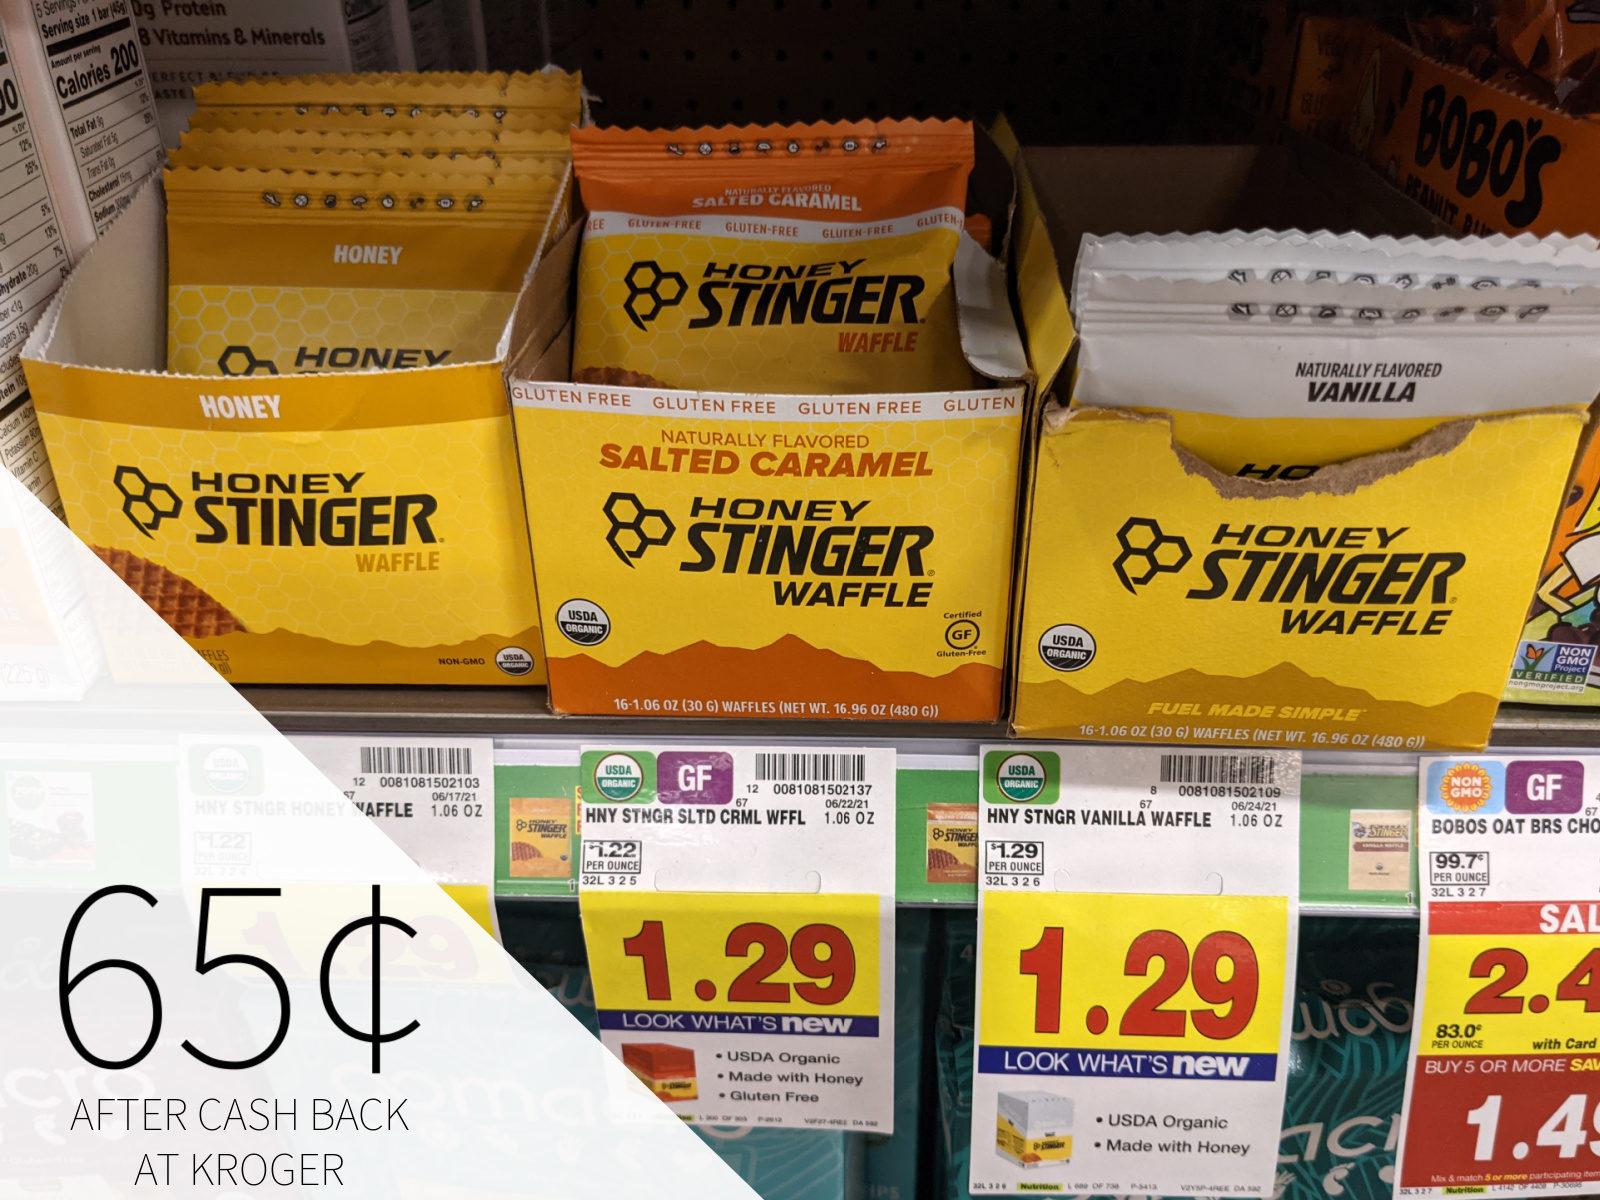 Honey Stinger Waffle Only 65¢ At Kroger